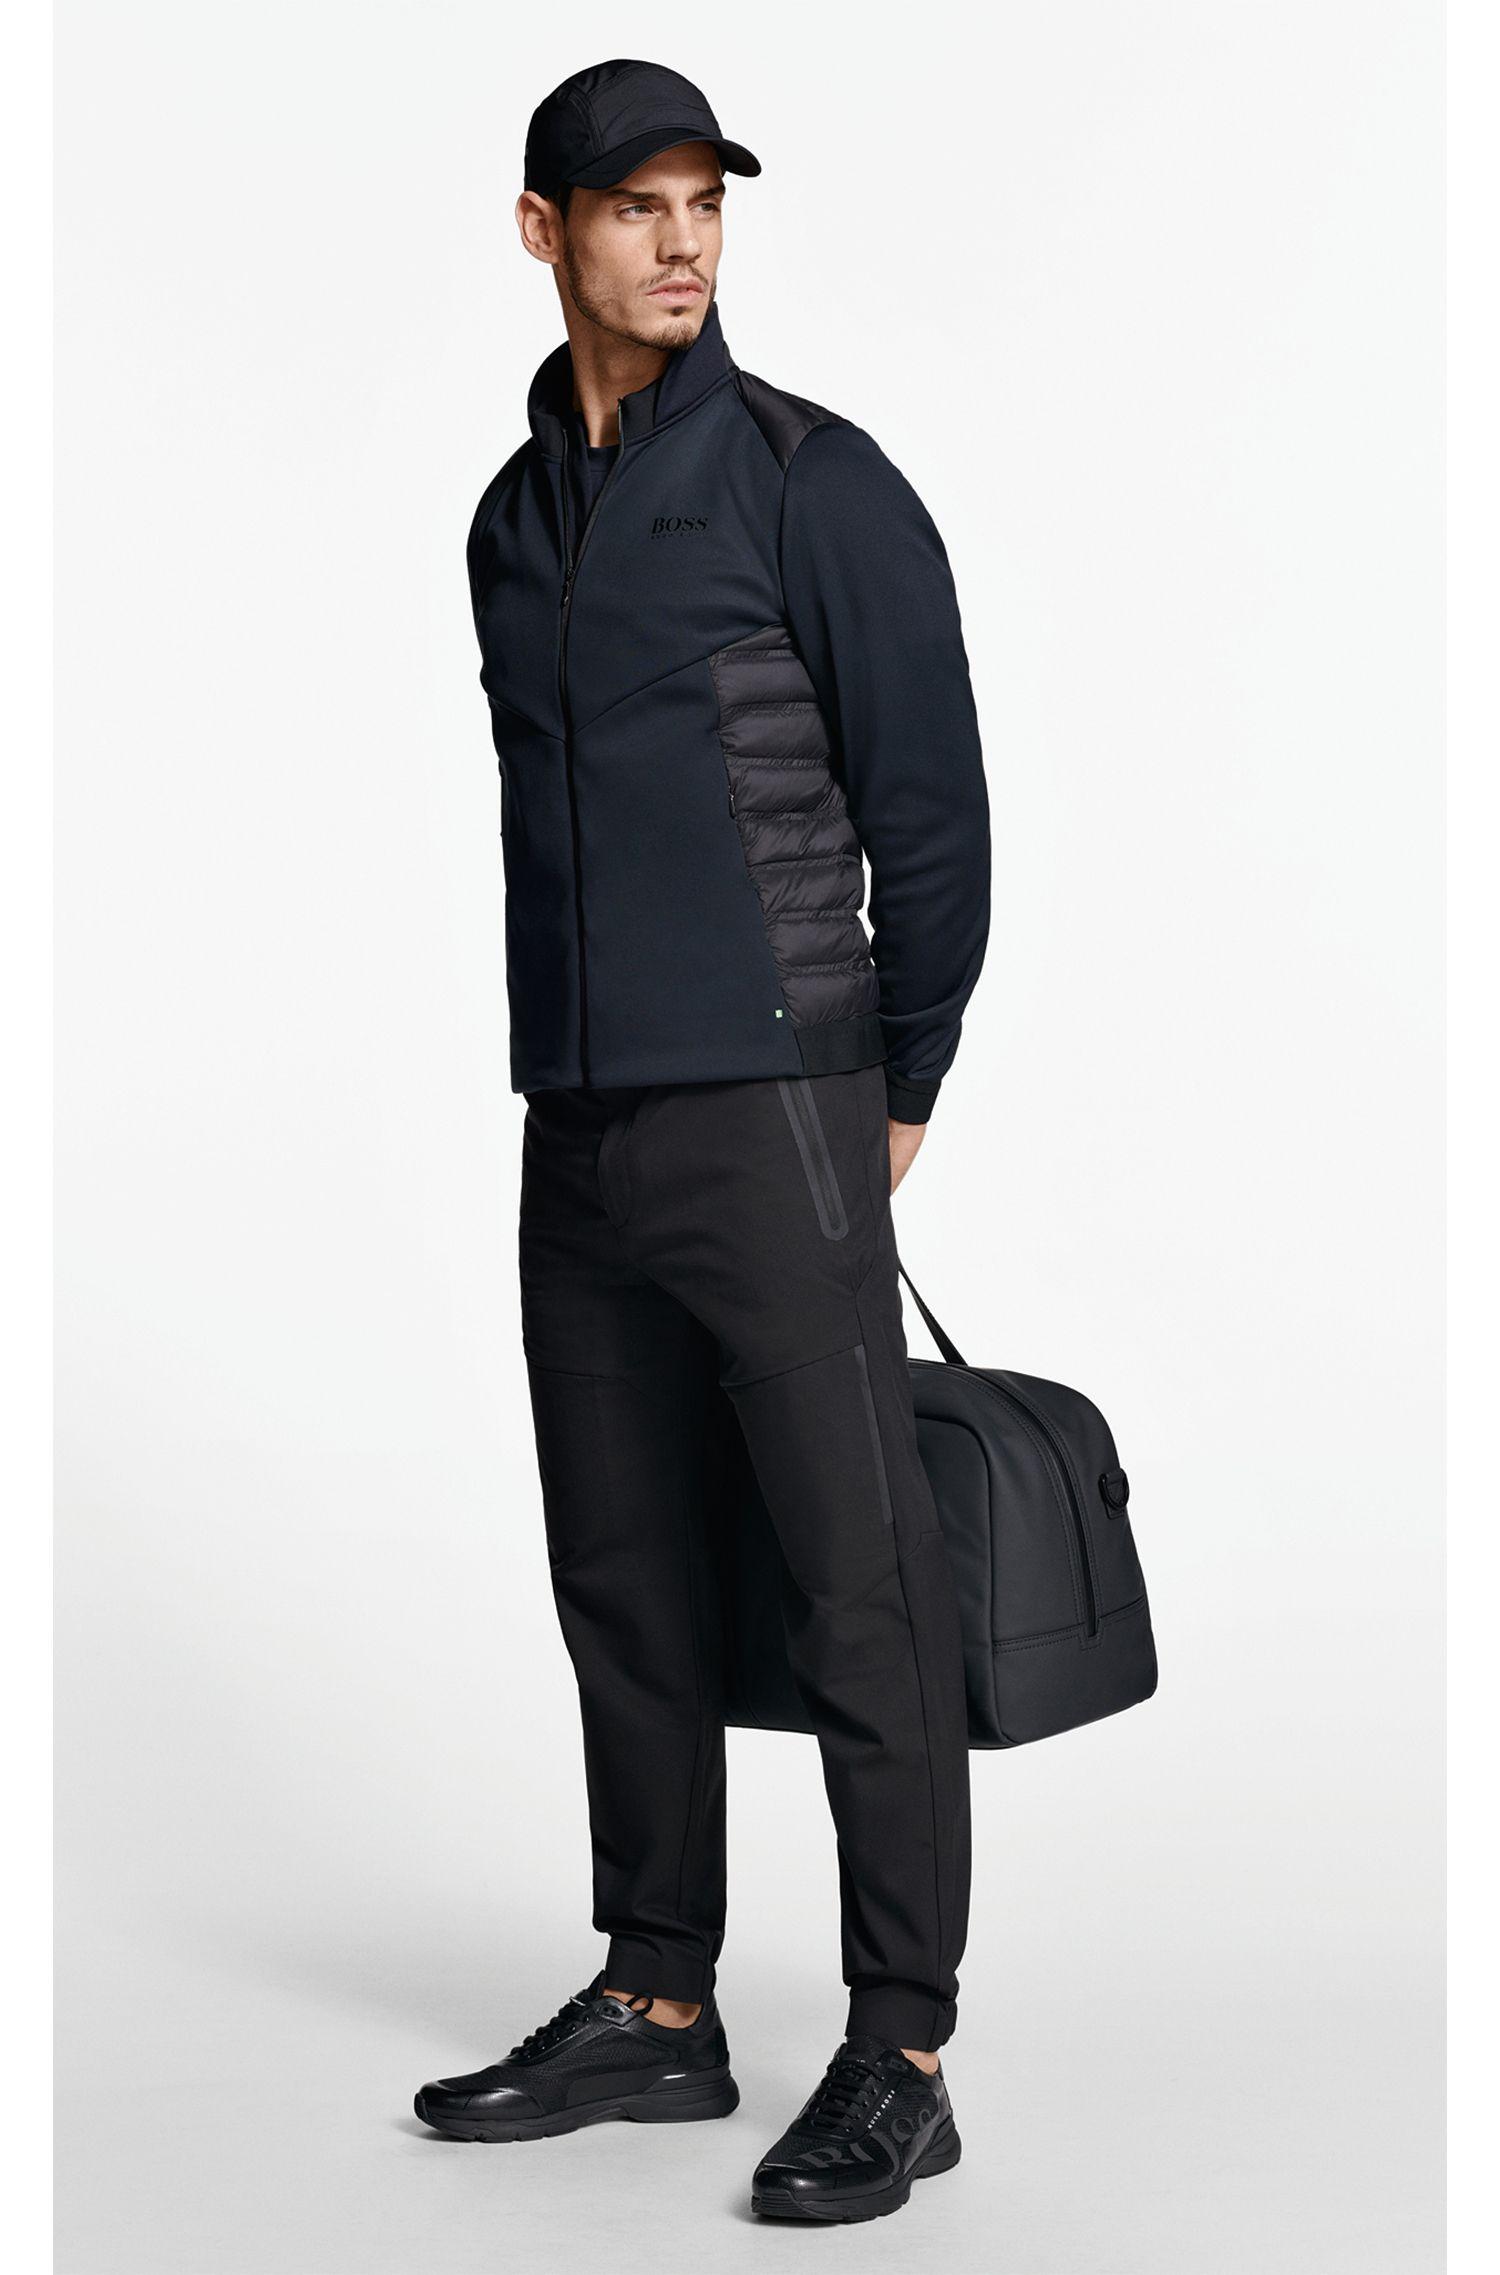 Pantalones con puños en sarga elástica extensible repelente al agua, Negro